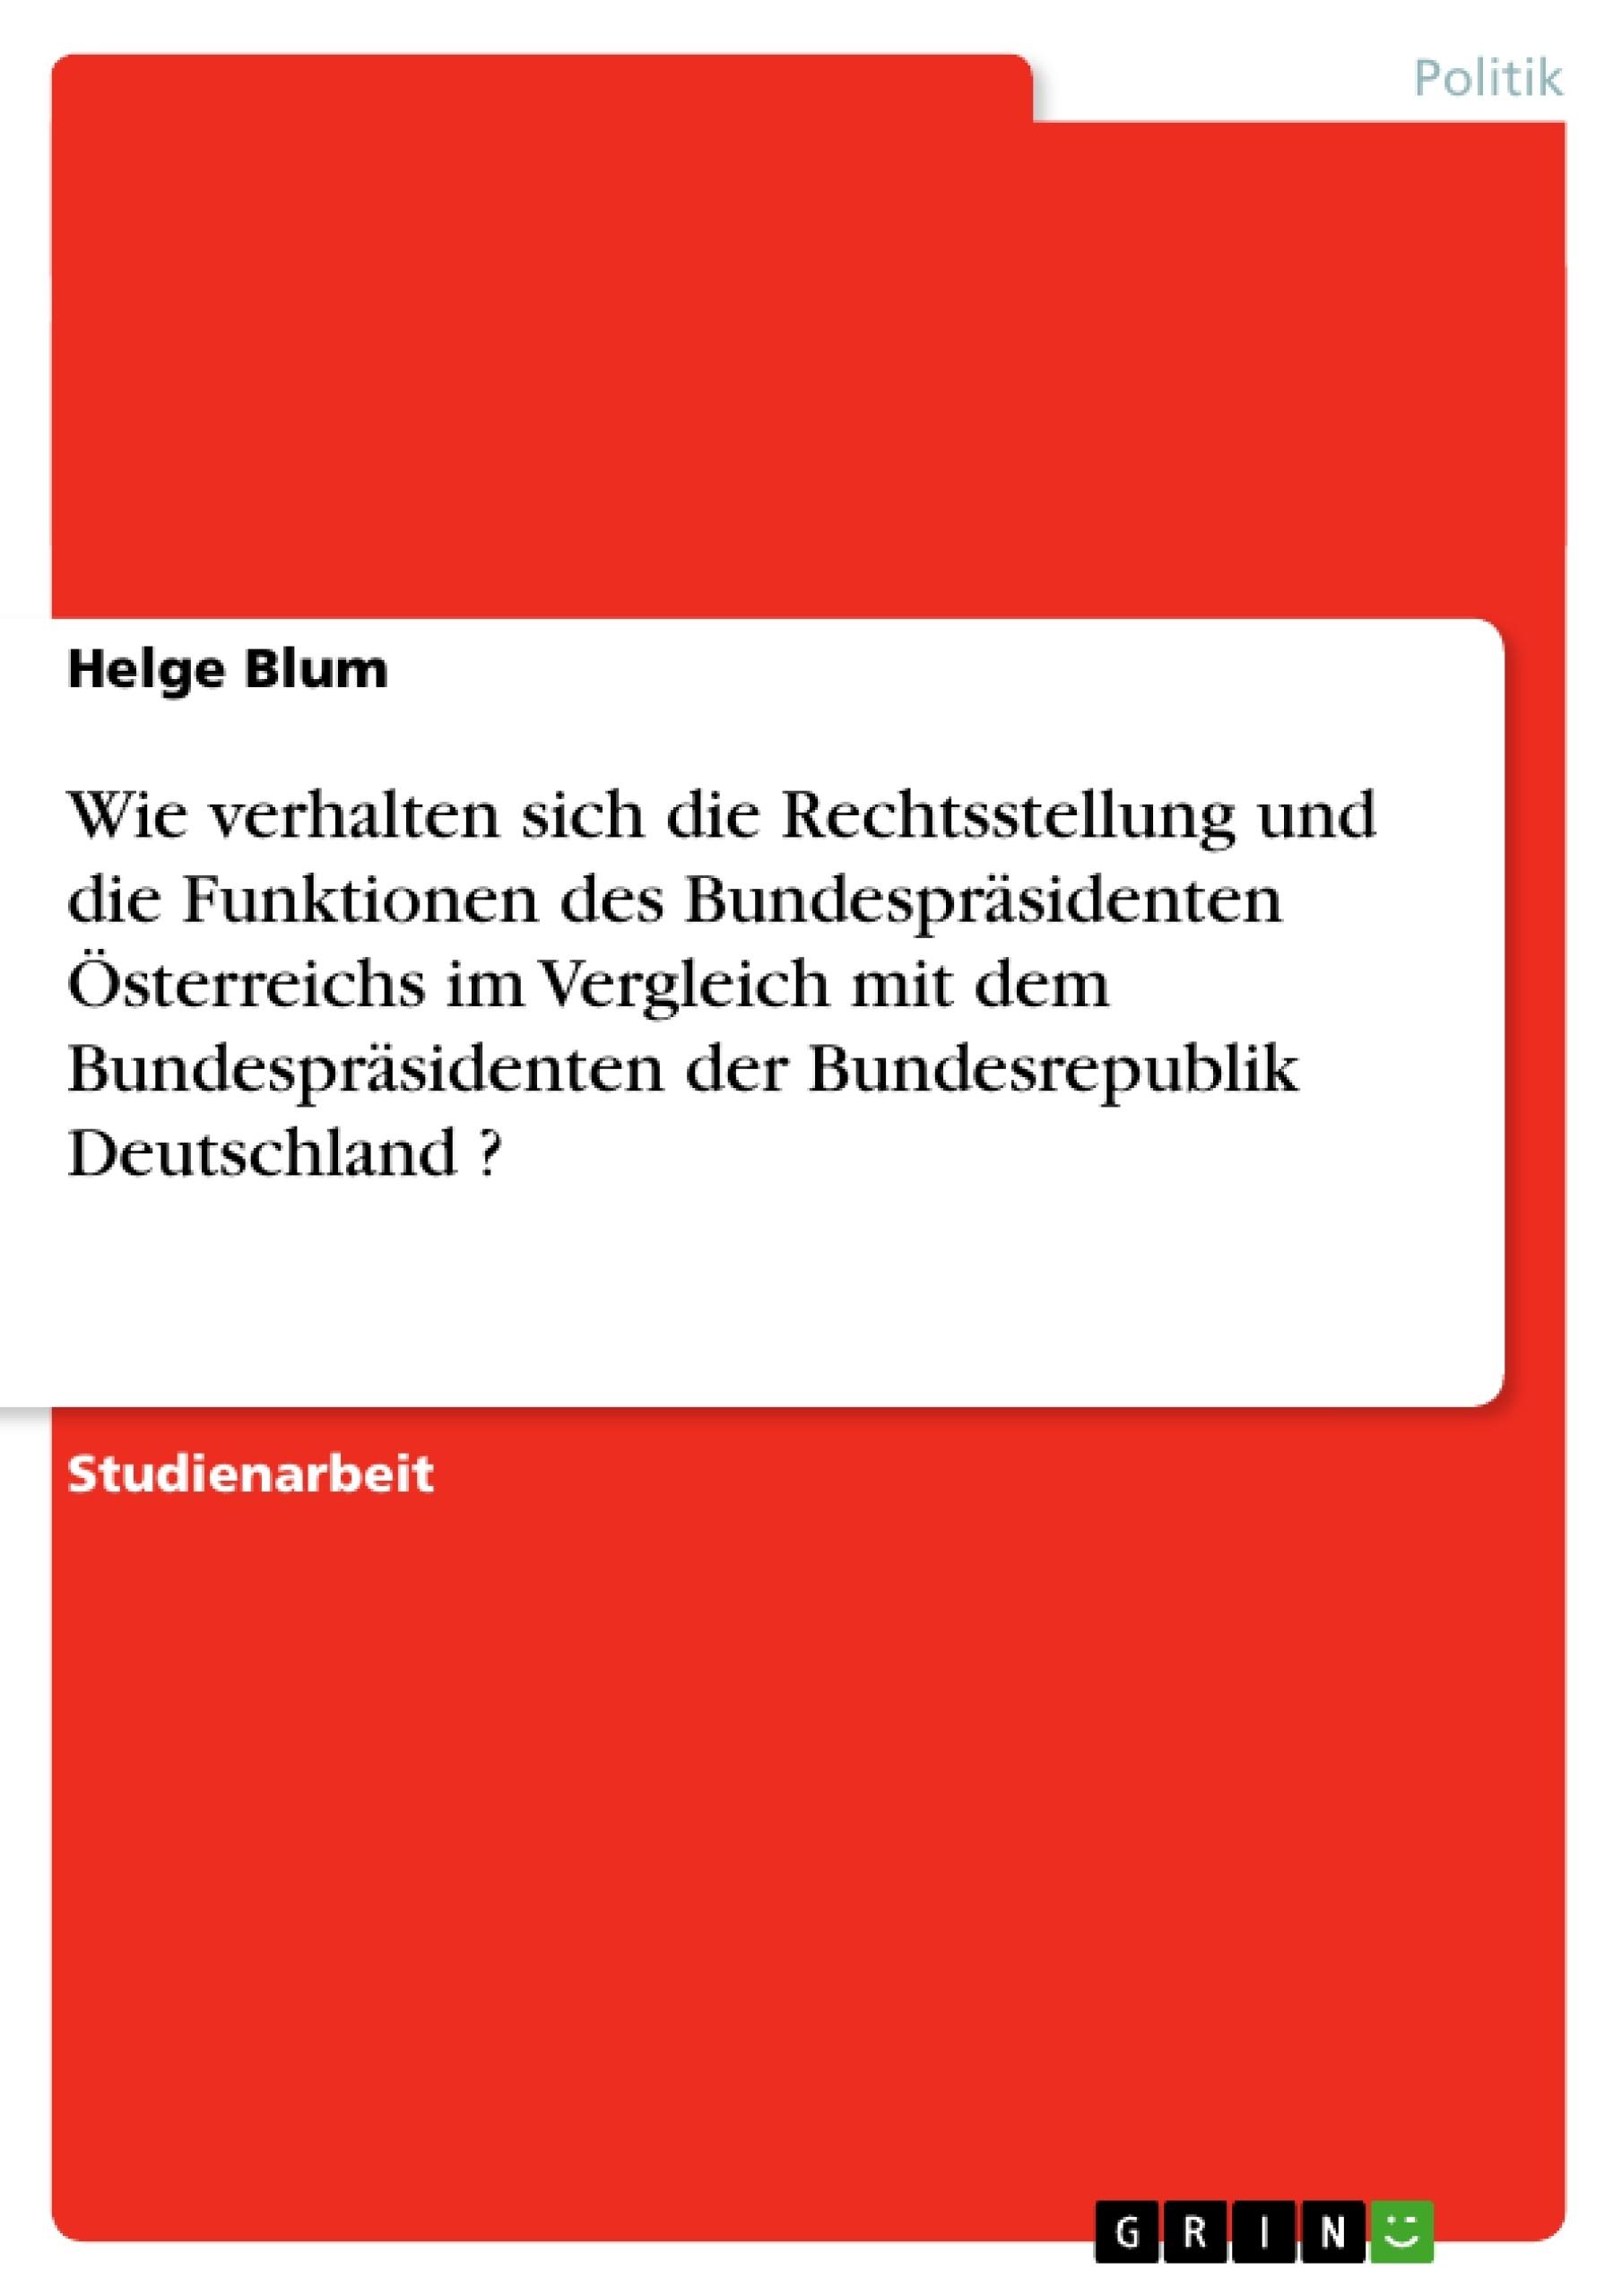 Titel: Wie verhalten sich die Rechtsstellung und die Funktionen des Bundespräsidenten Österreichs im Vergleich mit dem Bundespräsidenten der Bundesrepublik Deutschland ?